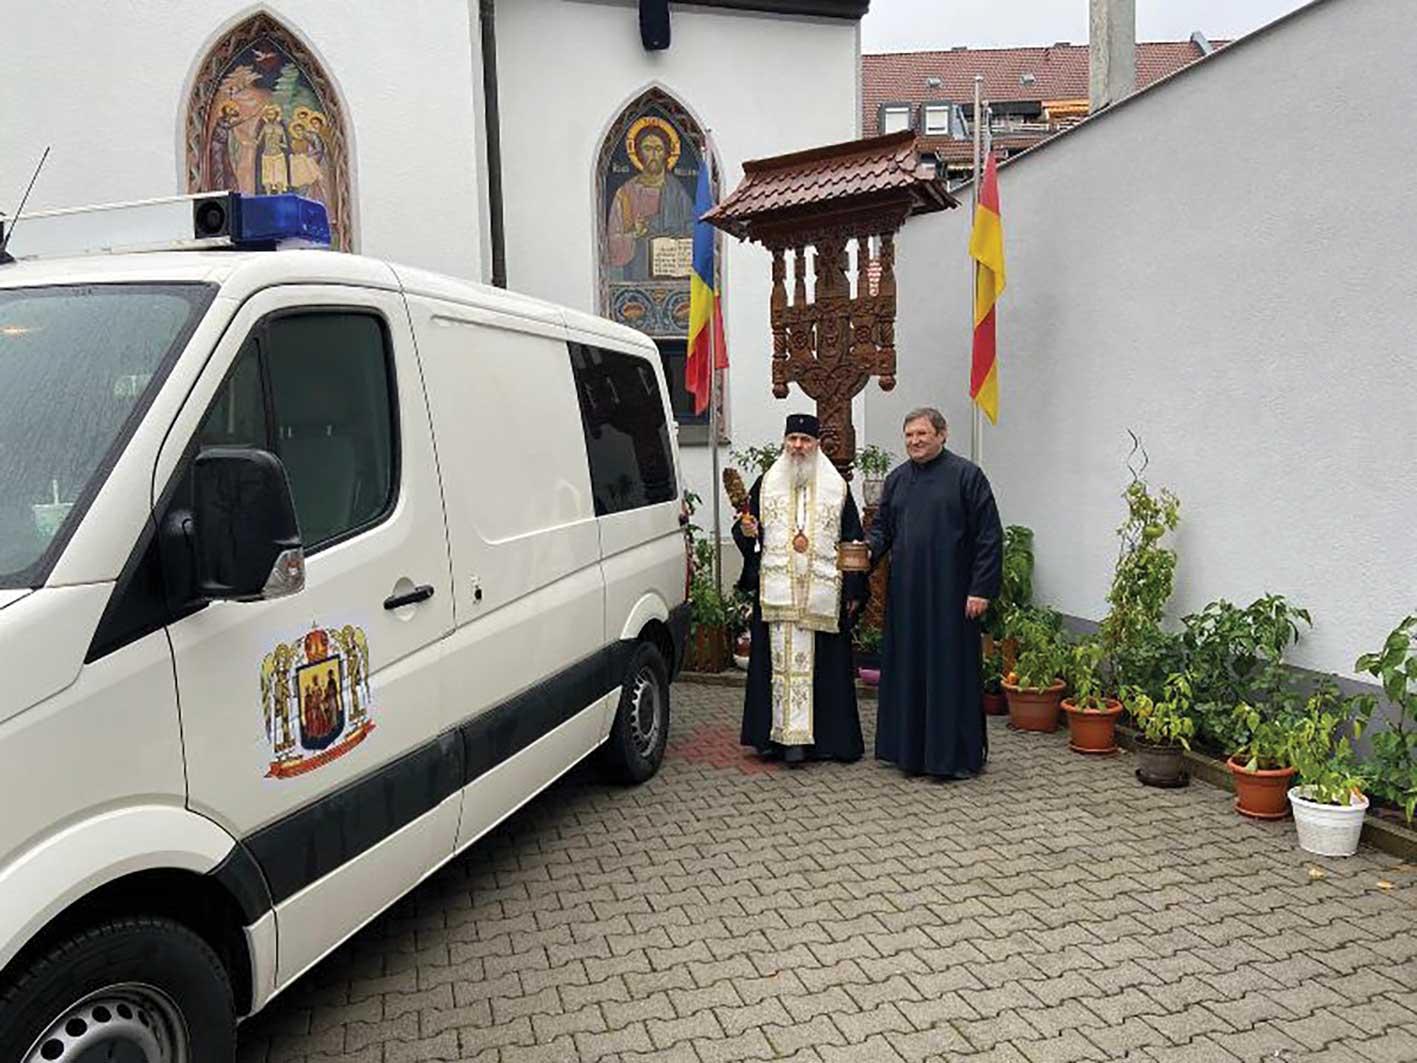 Mitropolia Ortodoxă Română a Germaniei, Europei Centrale și de Nord a oferit o ambulanță Episcopiei Hușilor